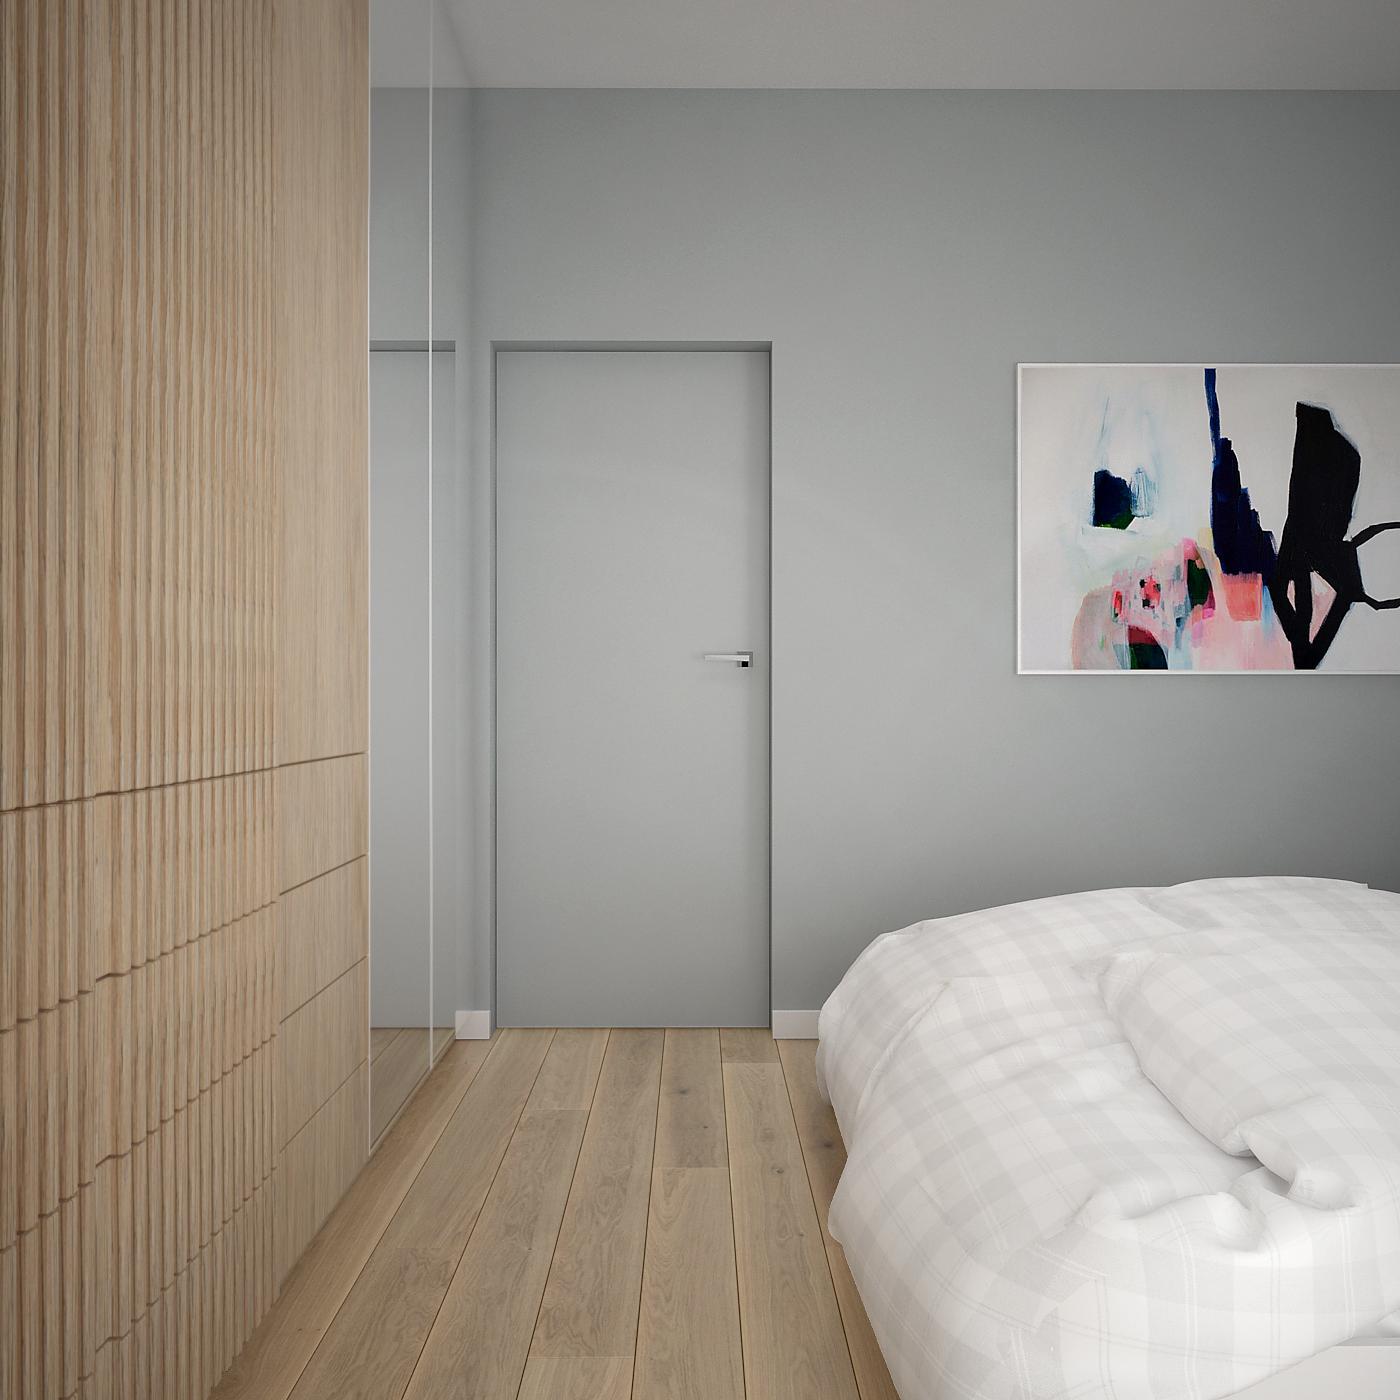 17 projekt wnetrza 537 mieszkanie krakow sypialnia szara sciana drzwi w kolorze sciany ukryta oscieznica